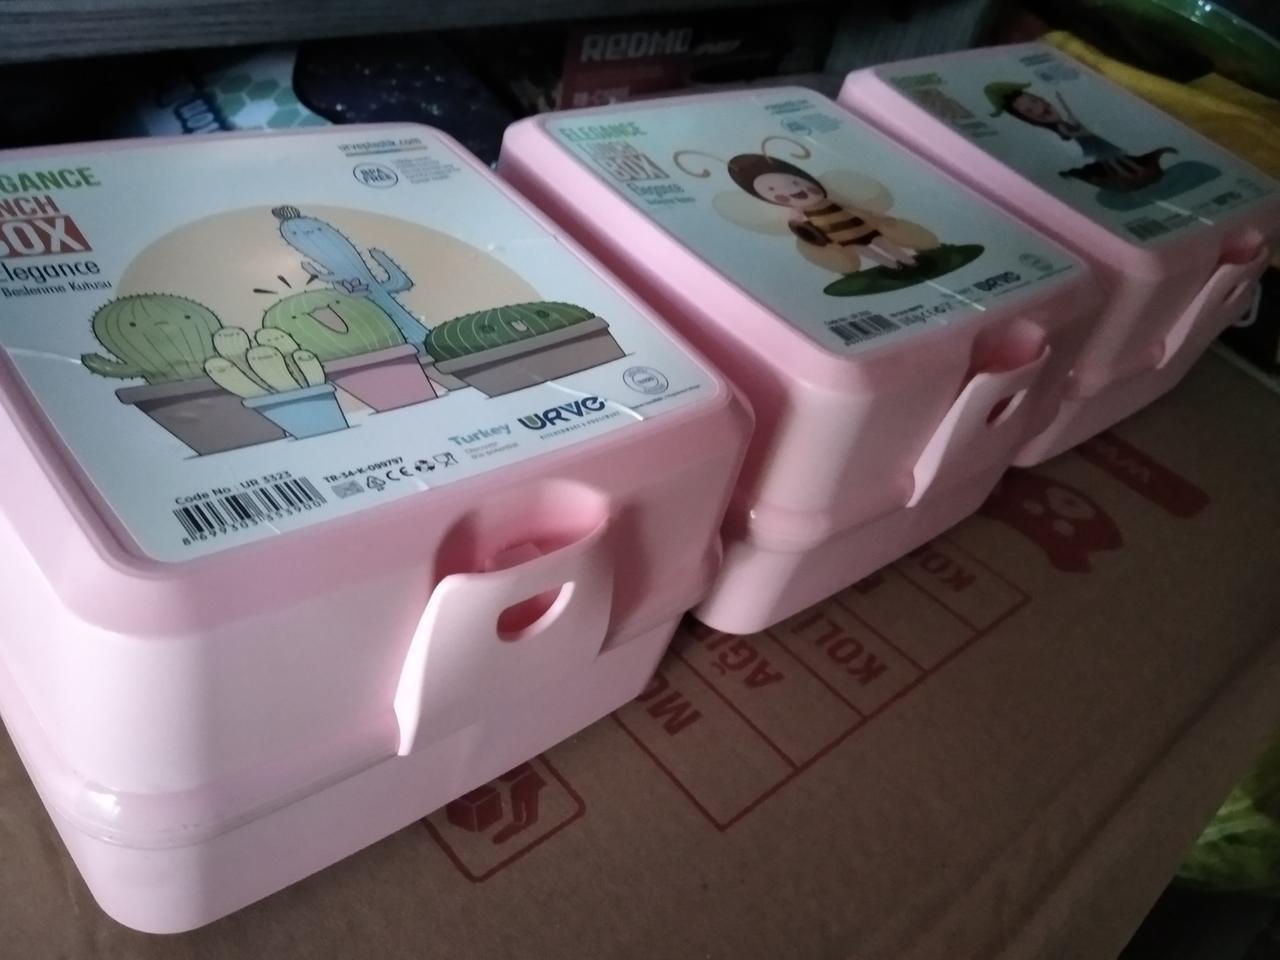 Ланчбокс двойной Турция  ланч бокс контейнер, ланч бокс с отделами розовый